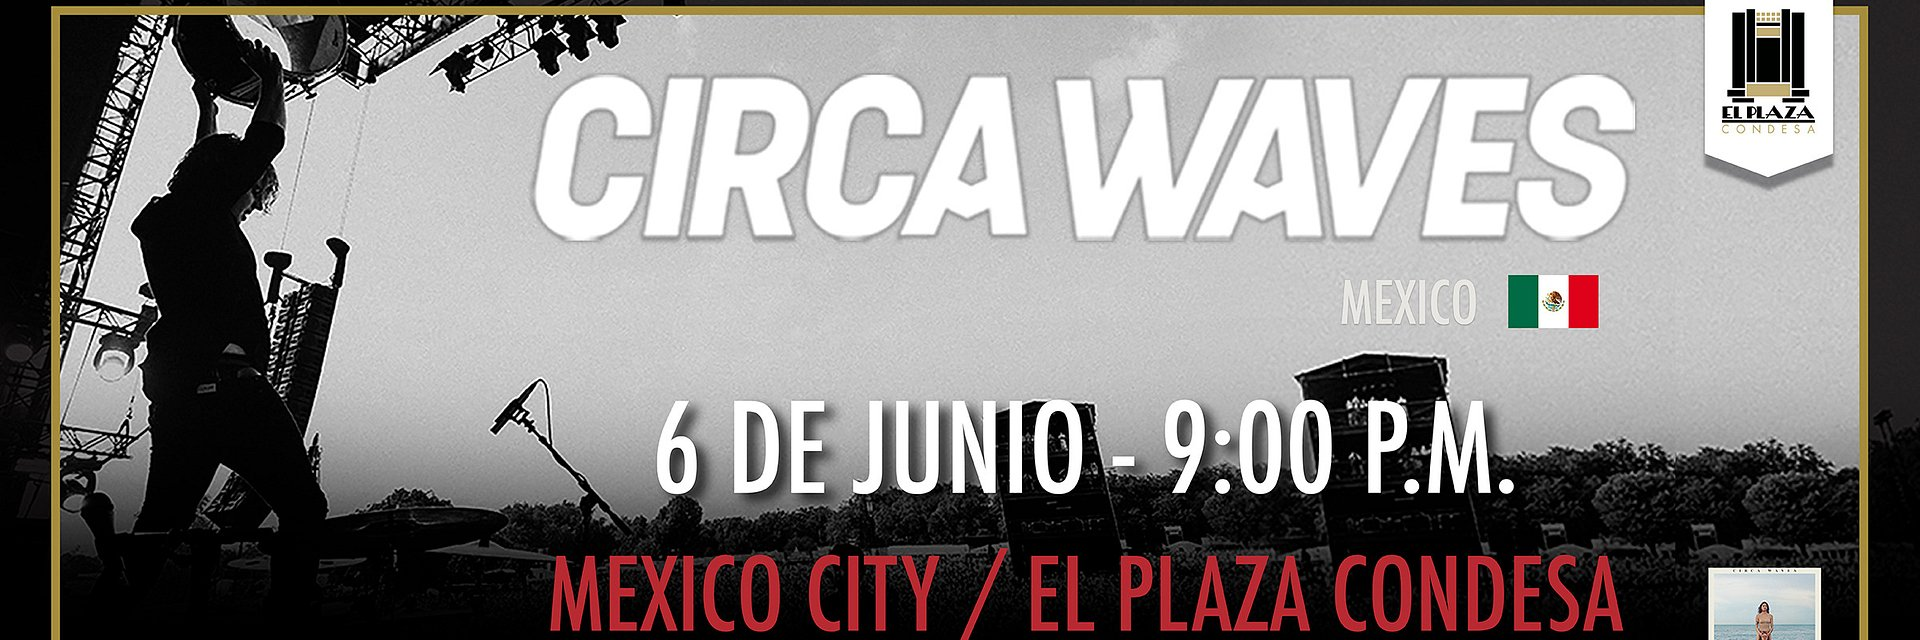 Circa Waves regresa a México